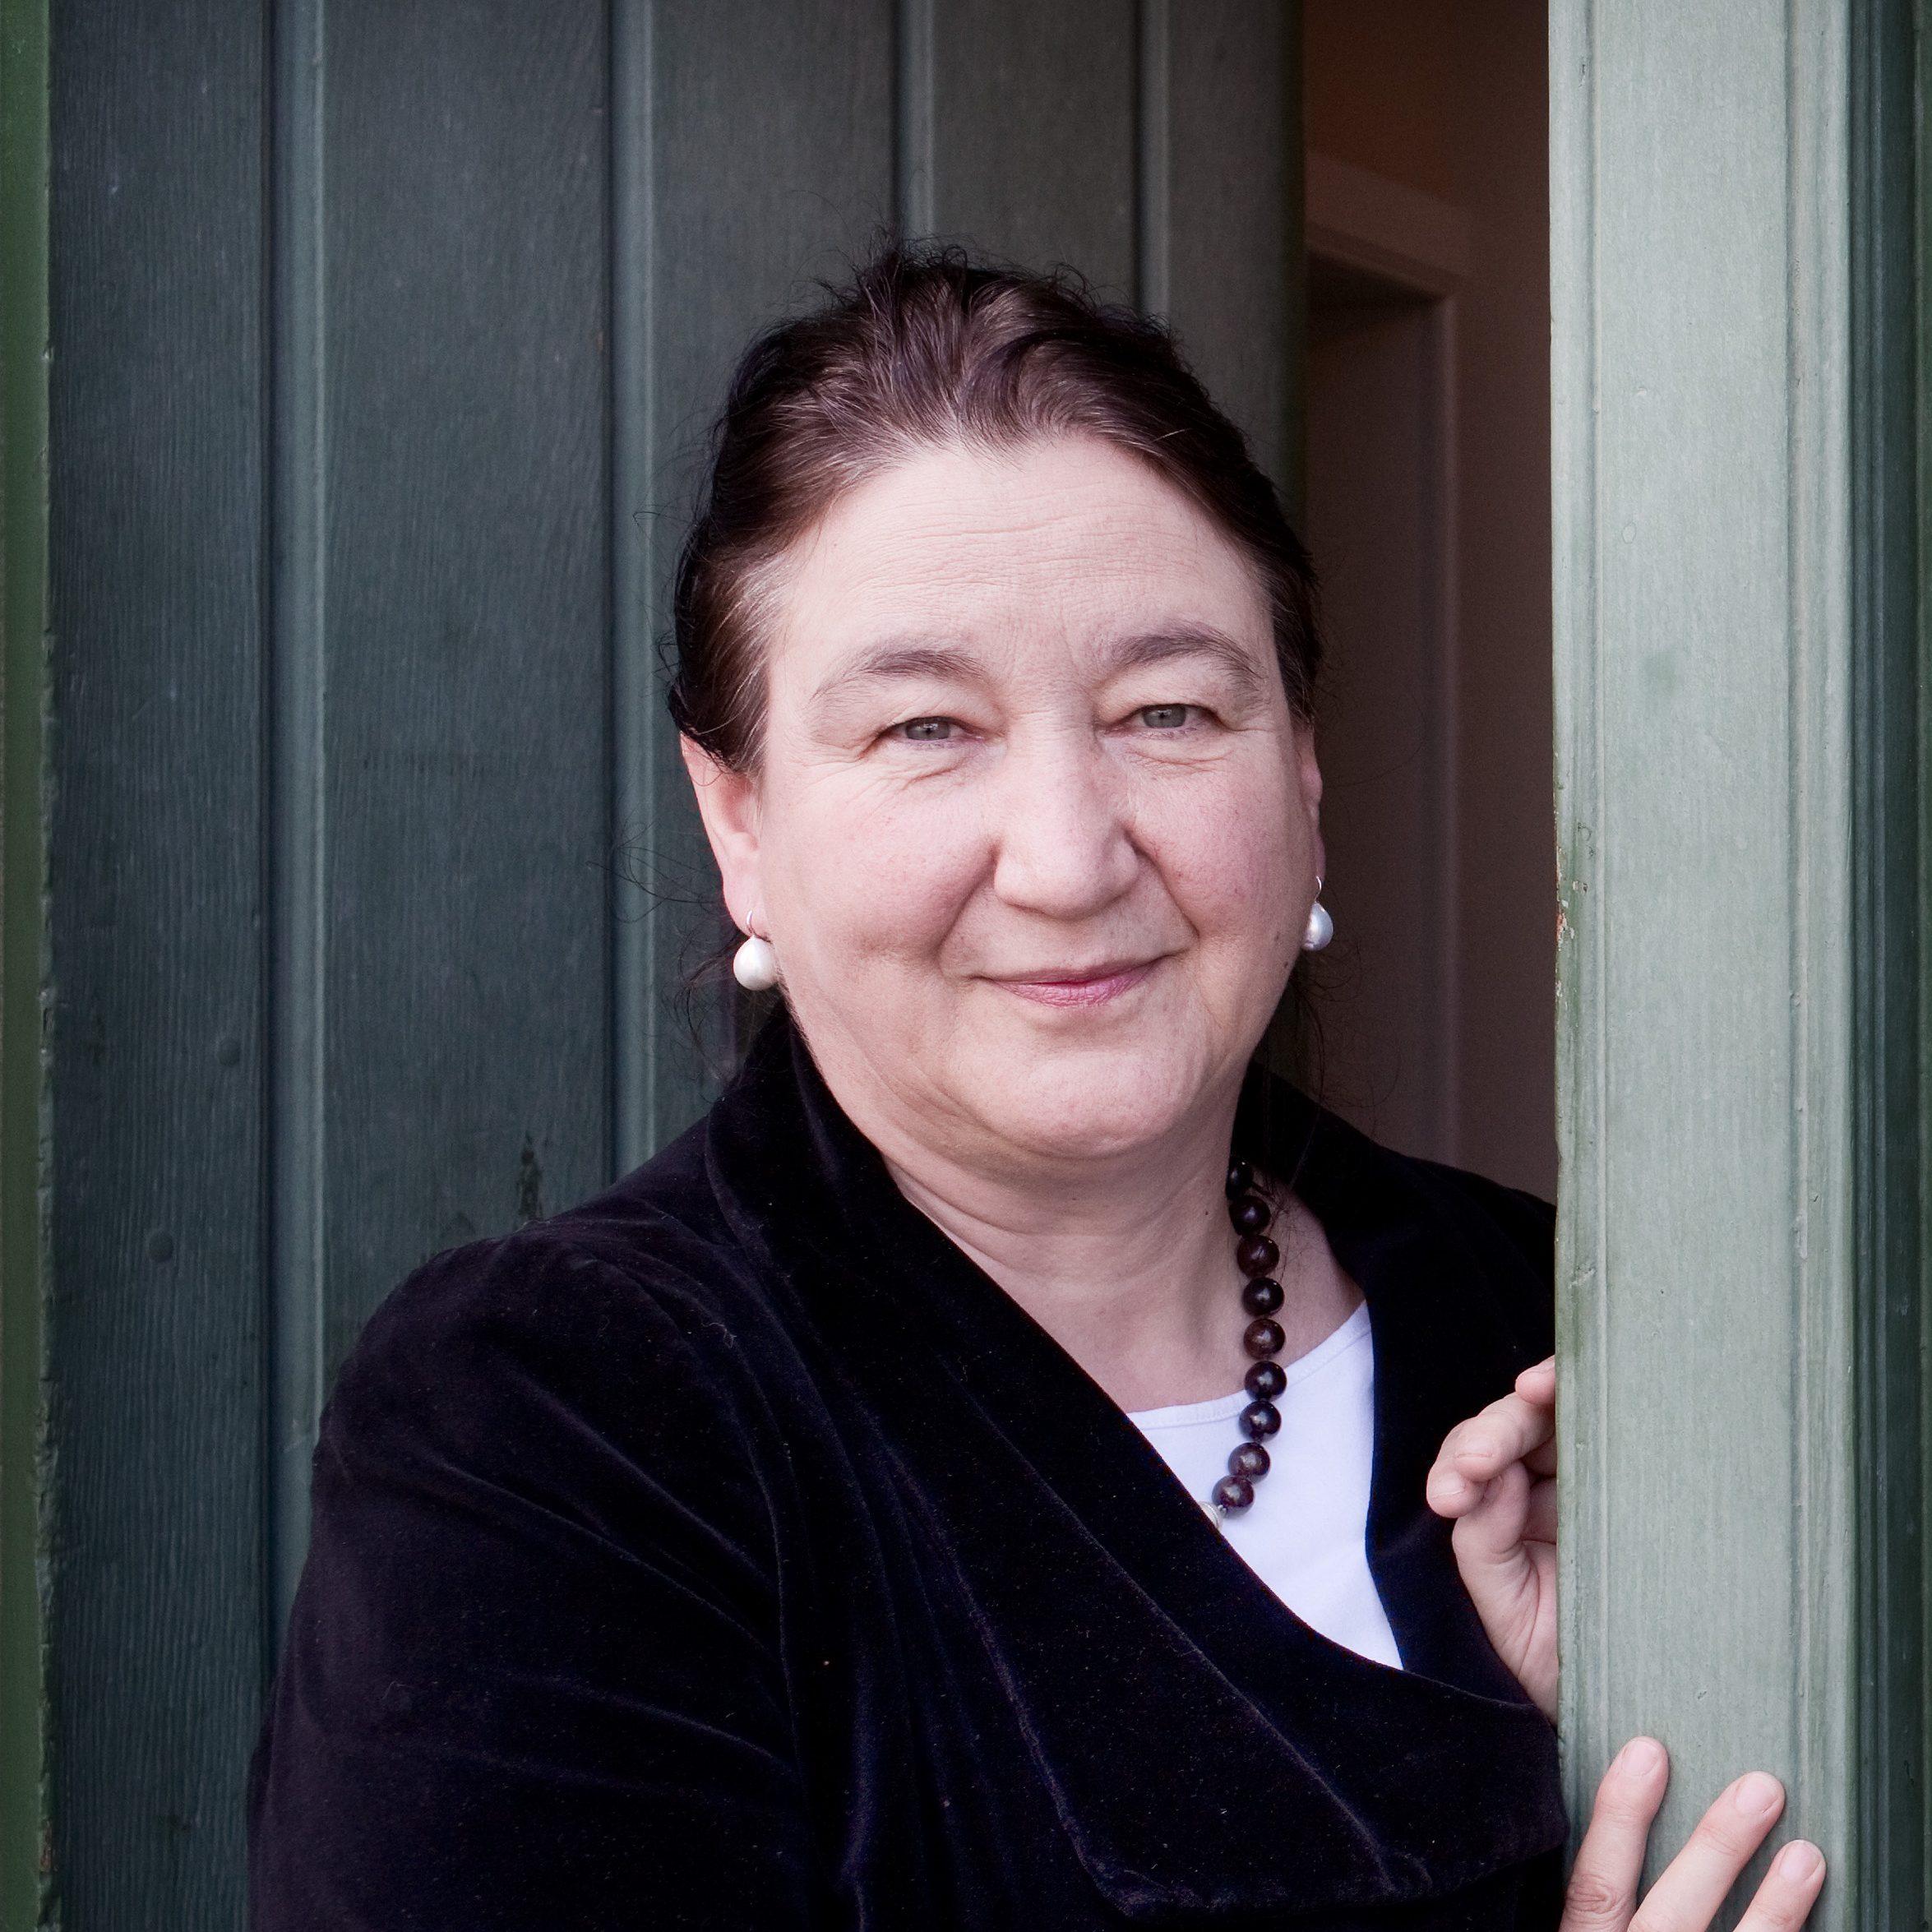 Rita Passemiers, City Ghent - Public Advocate Services, Belgium